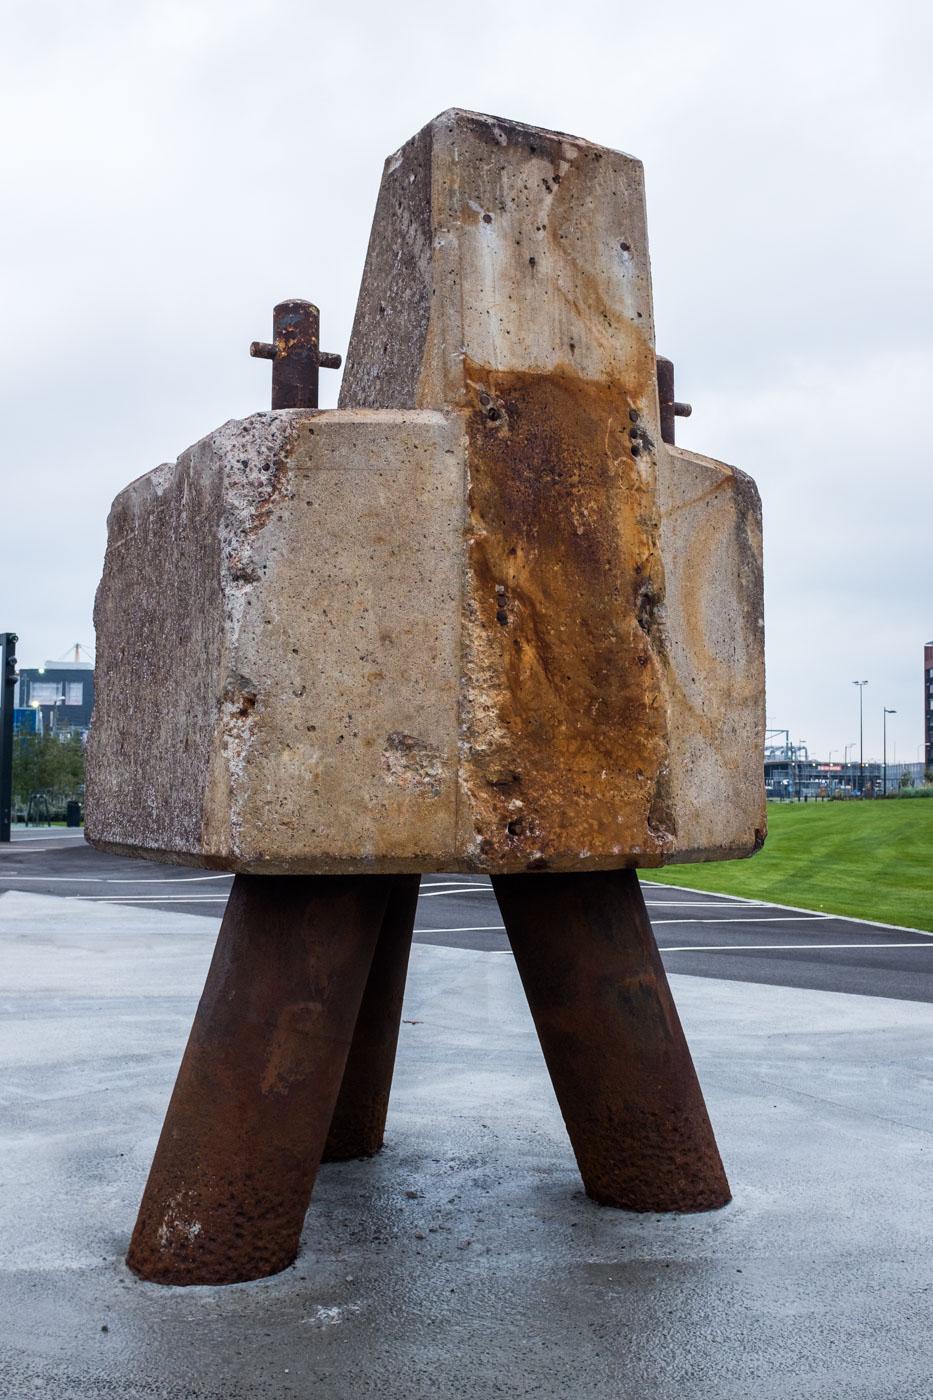 Kalasatamanpuistossa sijaitsee betoninen mötikkä